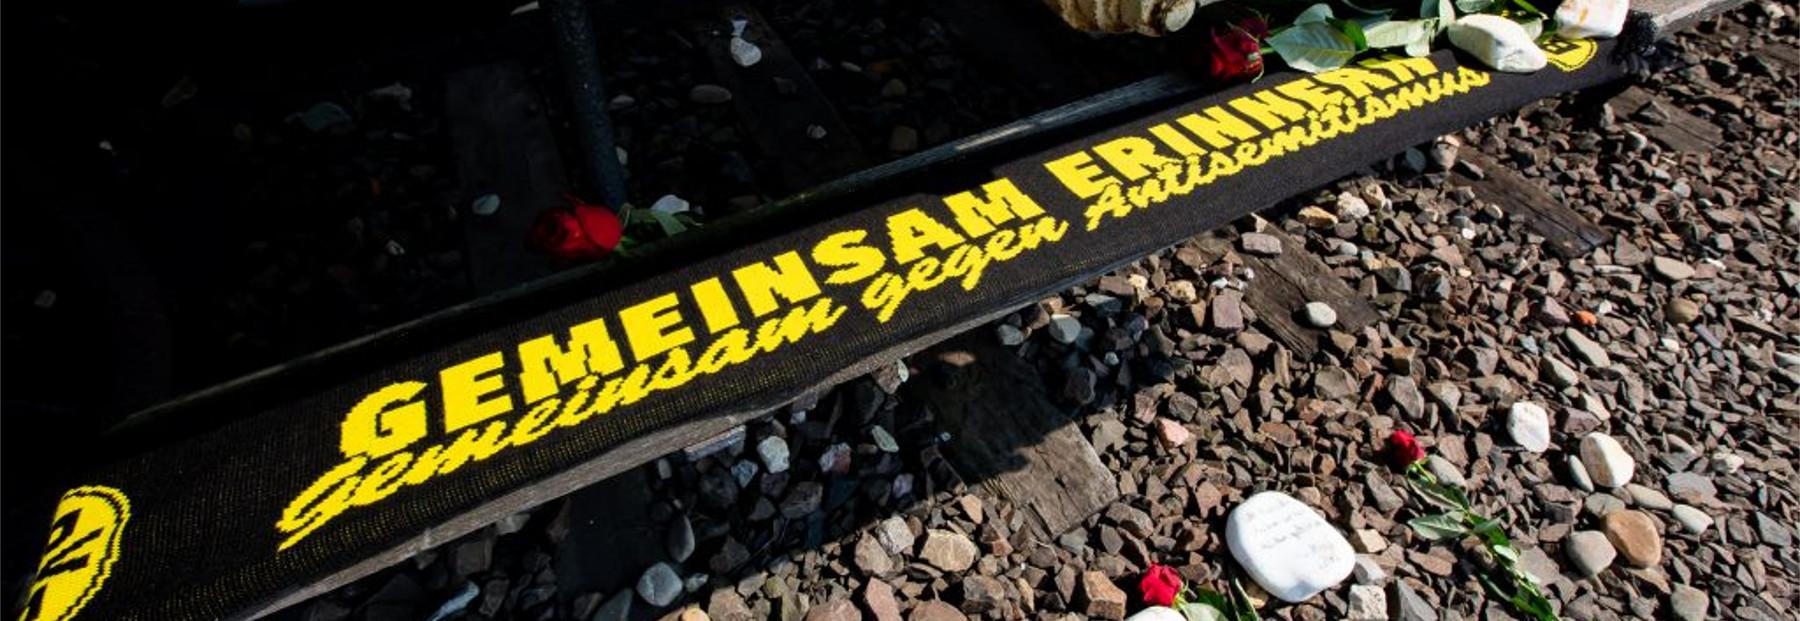 Schal in schwarz-gelb mit der Aufschrift Gemeinsam erinnern